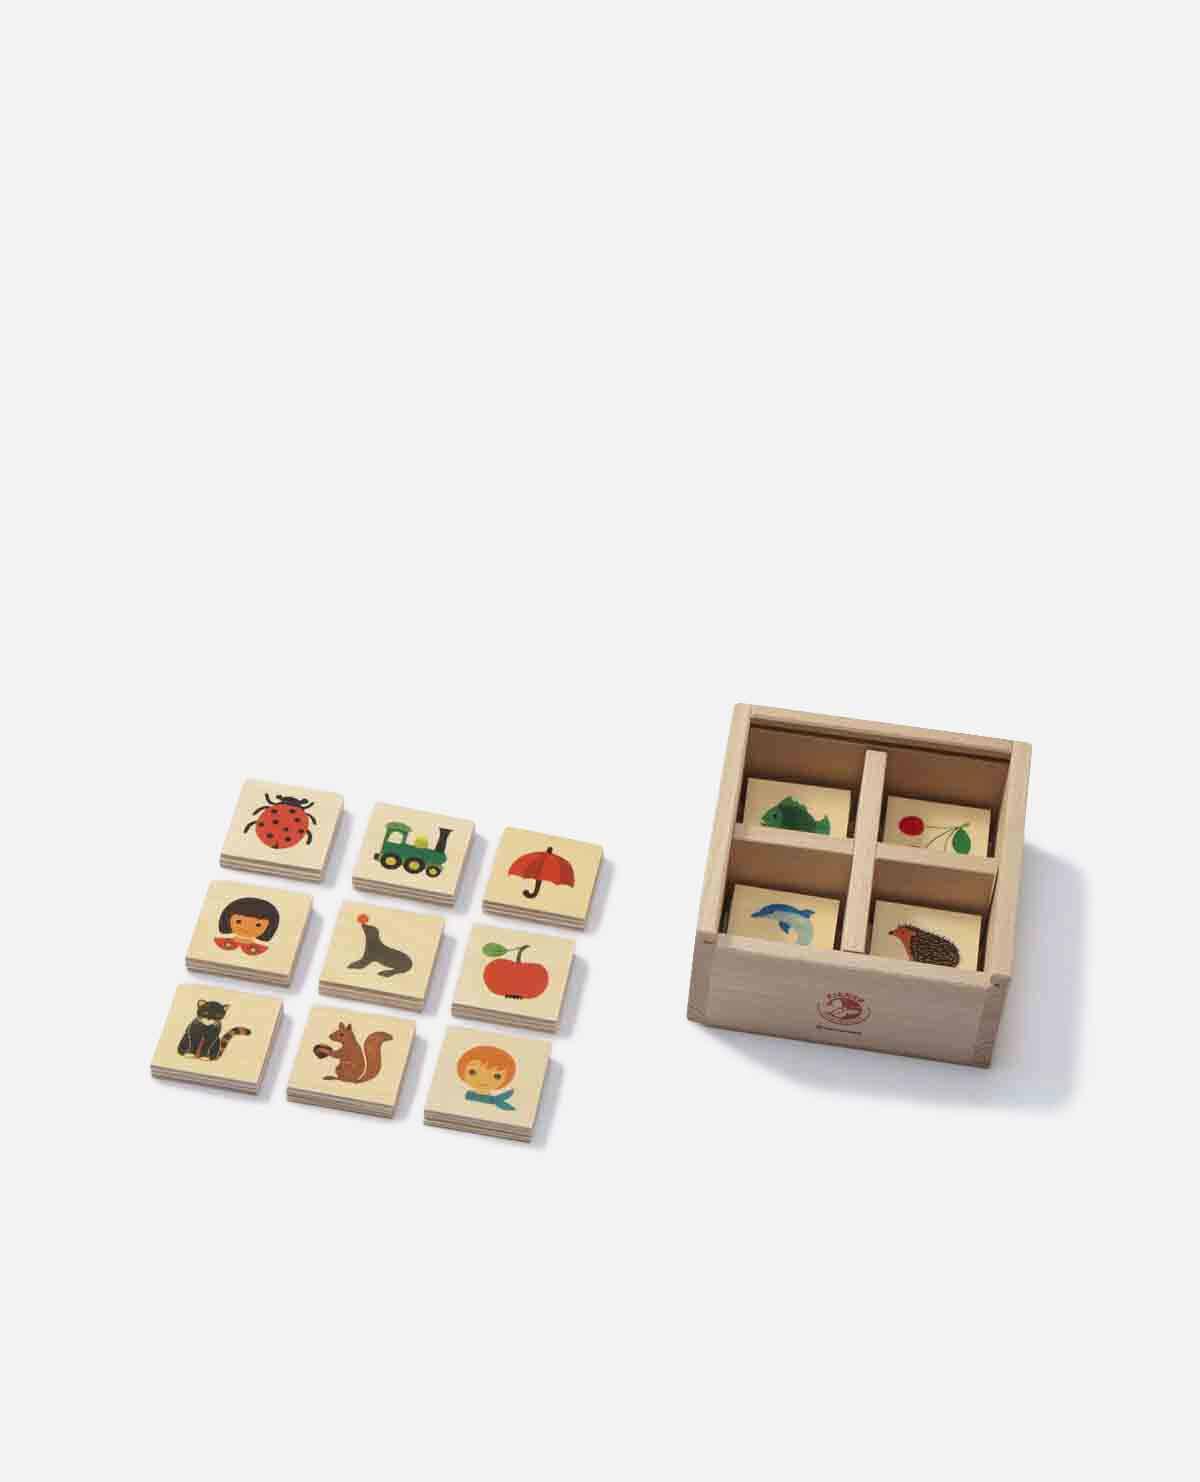 キーナーメモリー 木製 知育玩具 おもちゃ